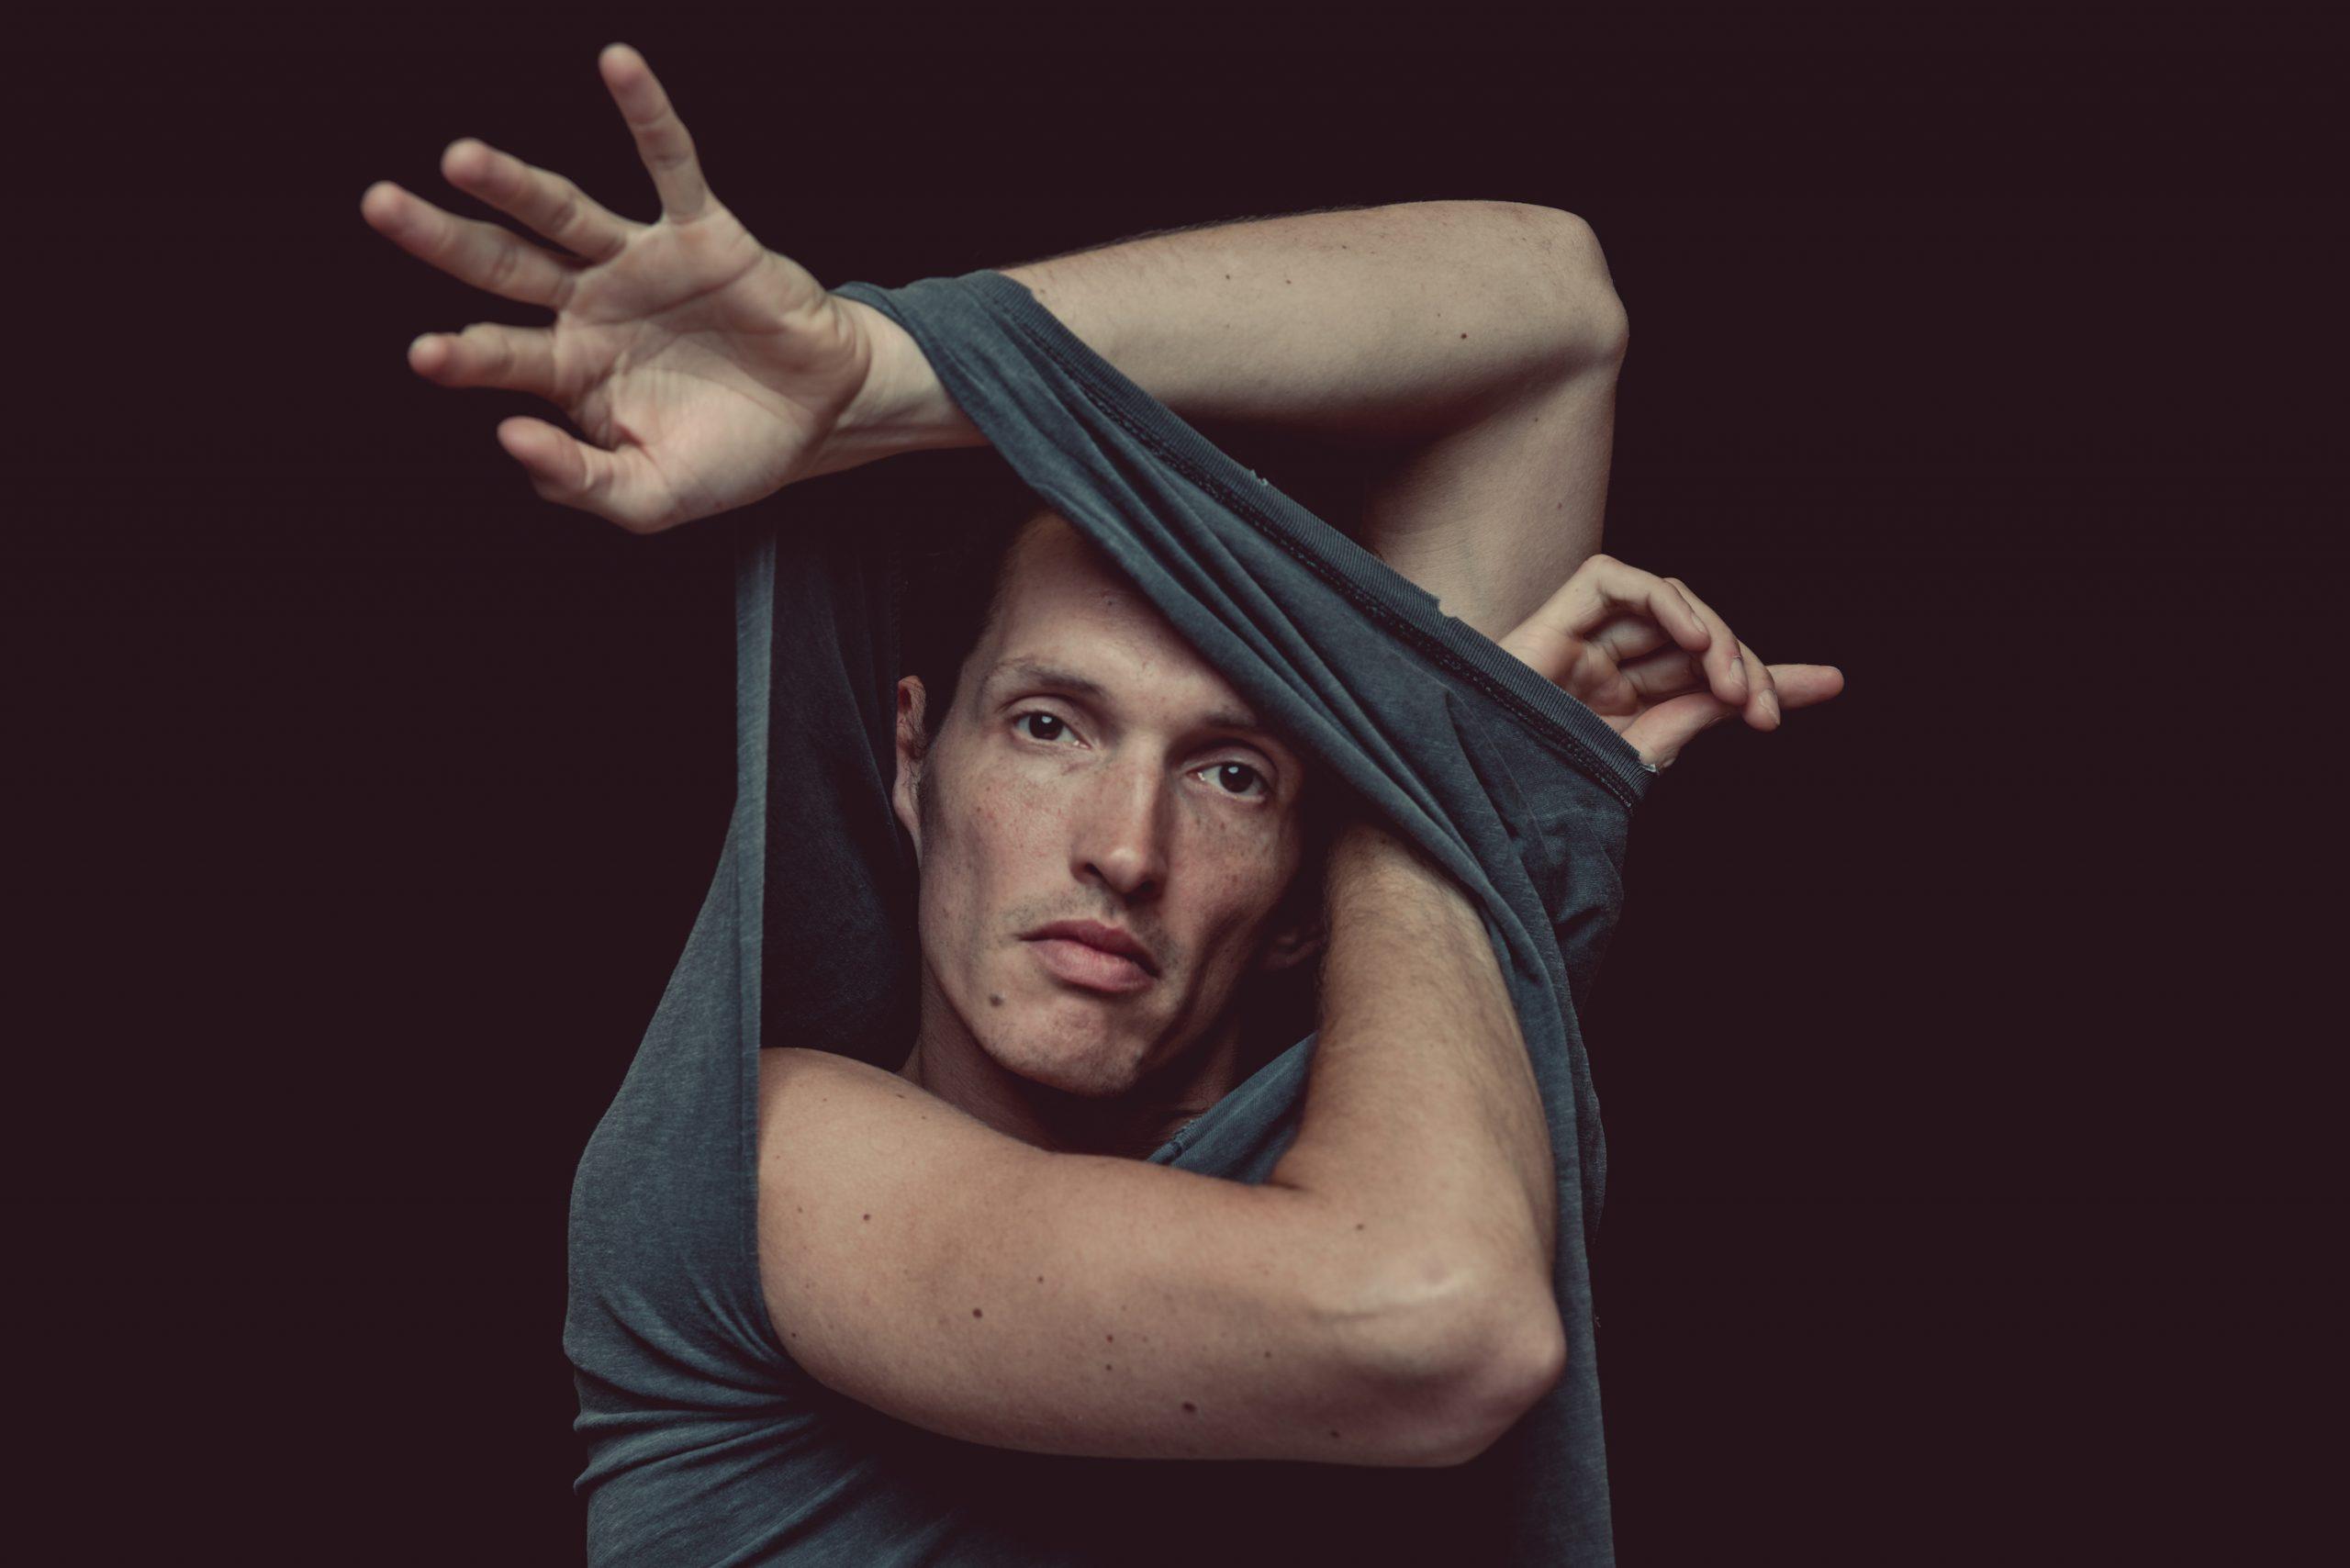 Der Erfurter Multiinstrumentalist Patrick Föllmer lässt in seinem Musikprojekt Lilabungalow Kunstwerke aus Bild und Ton entstehen